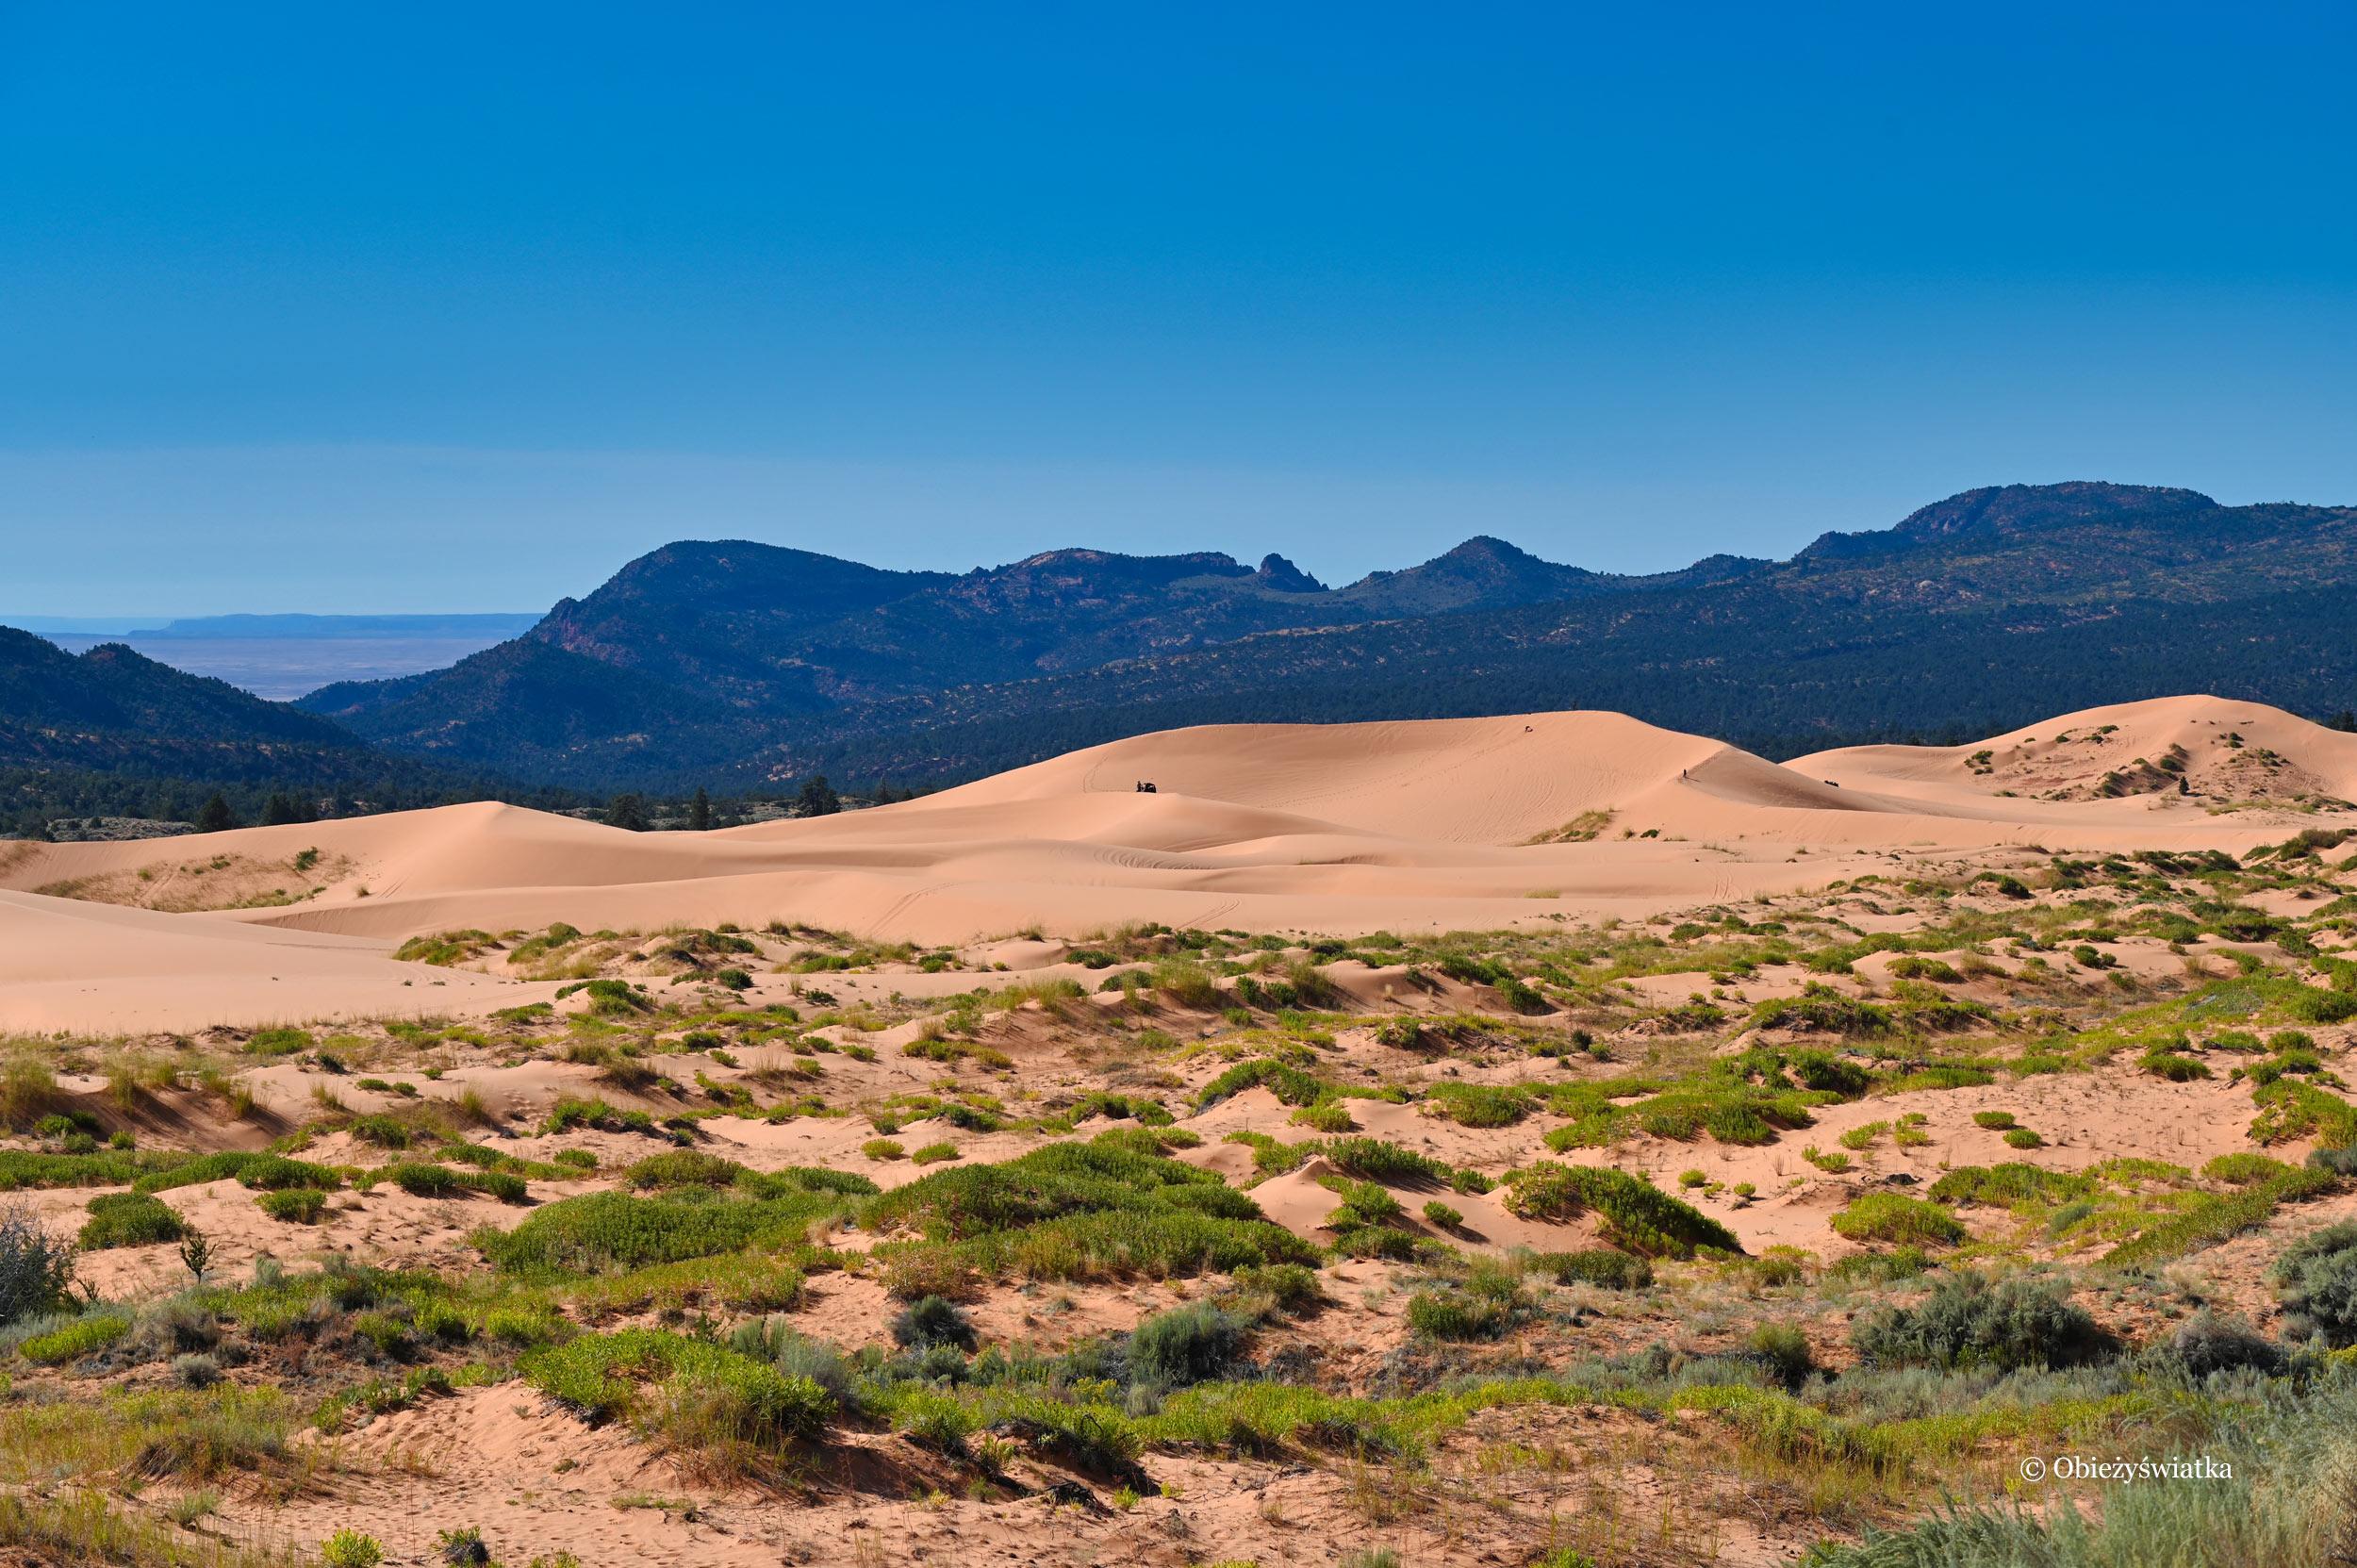 Utah to jeden z piękniejszych stanów USA, Coral Pink Sand Dunes State Park